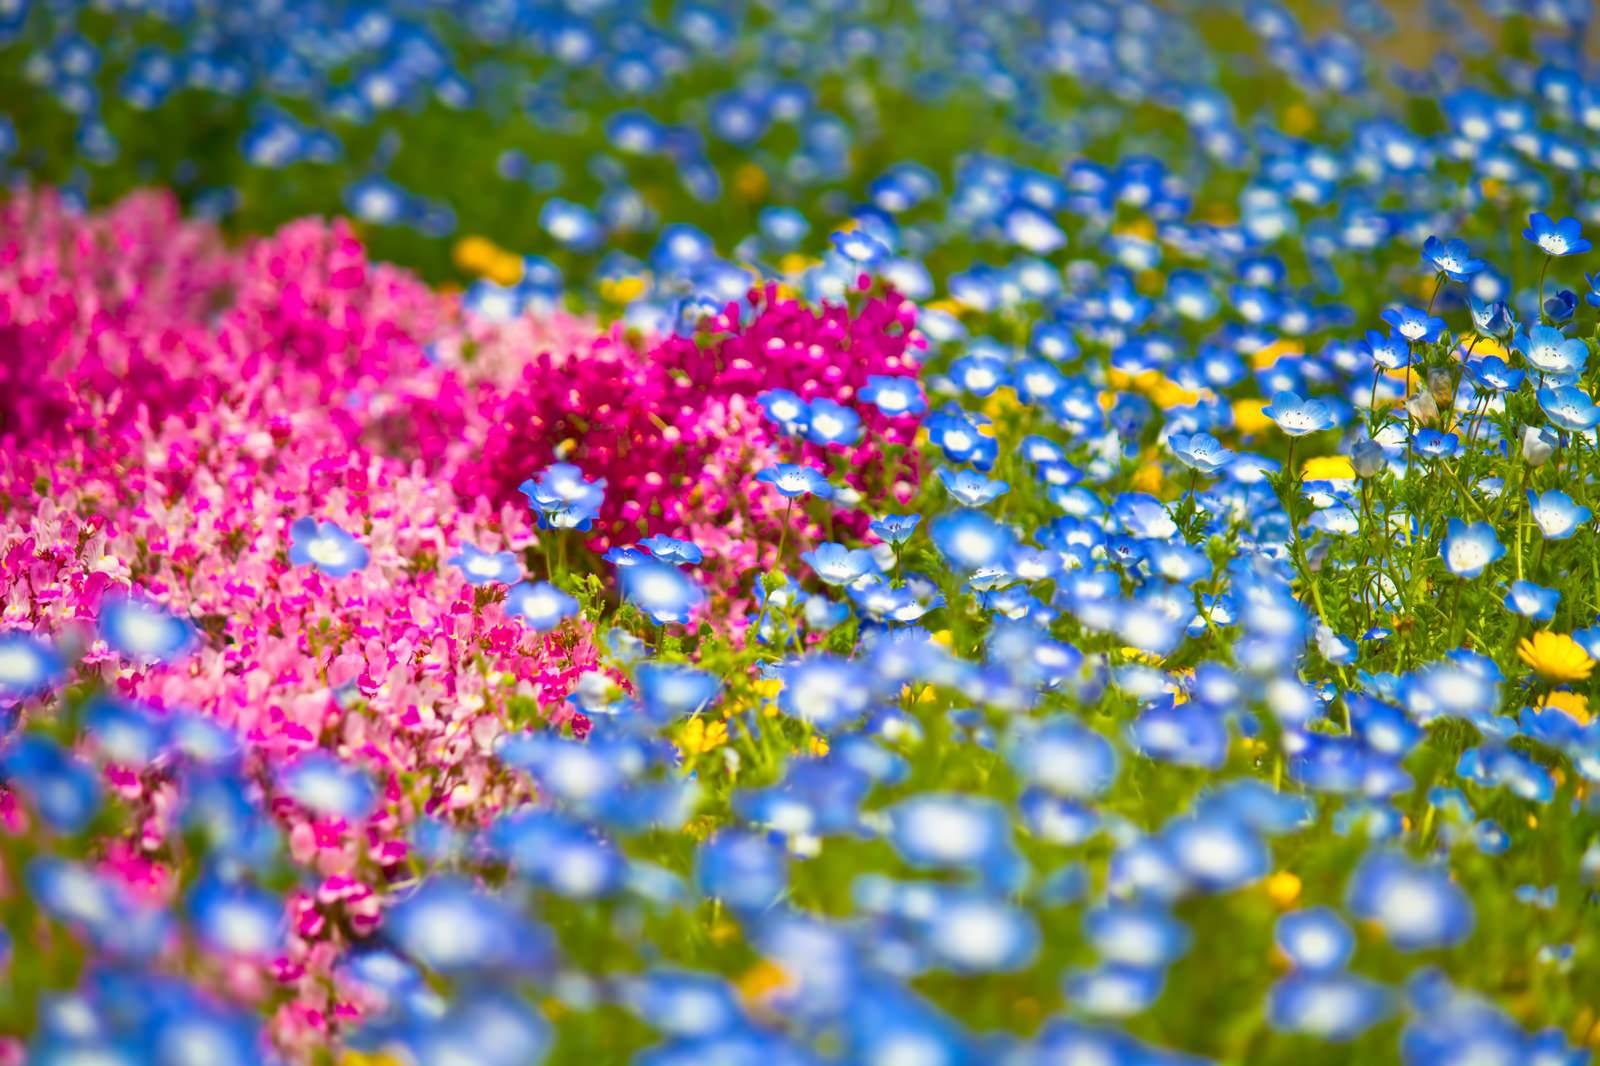 「山下公園の花壇の花々」の写真